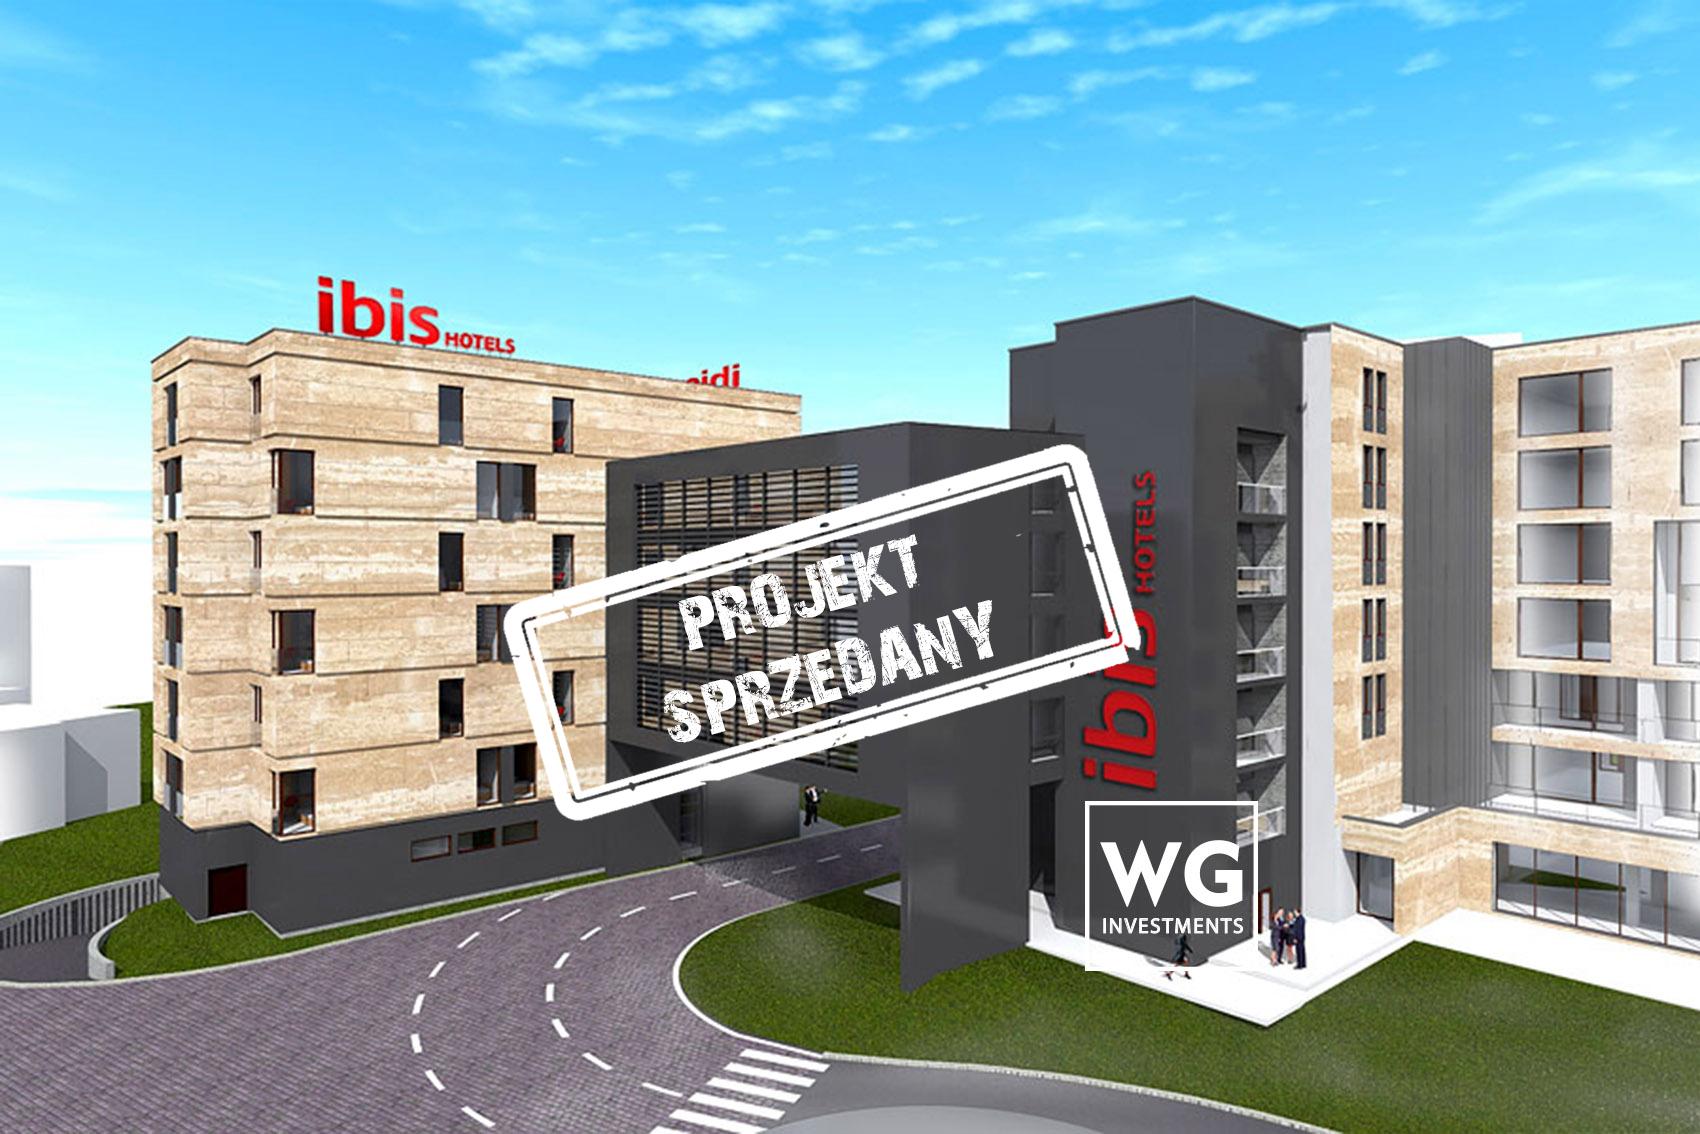 Hotel Ibis Rzeszów